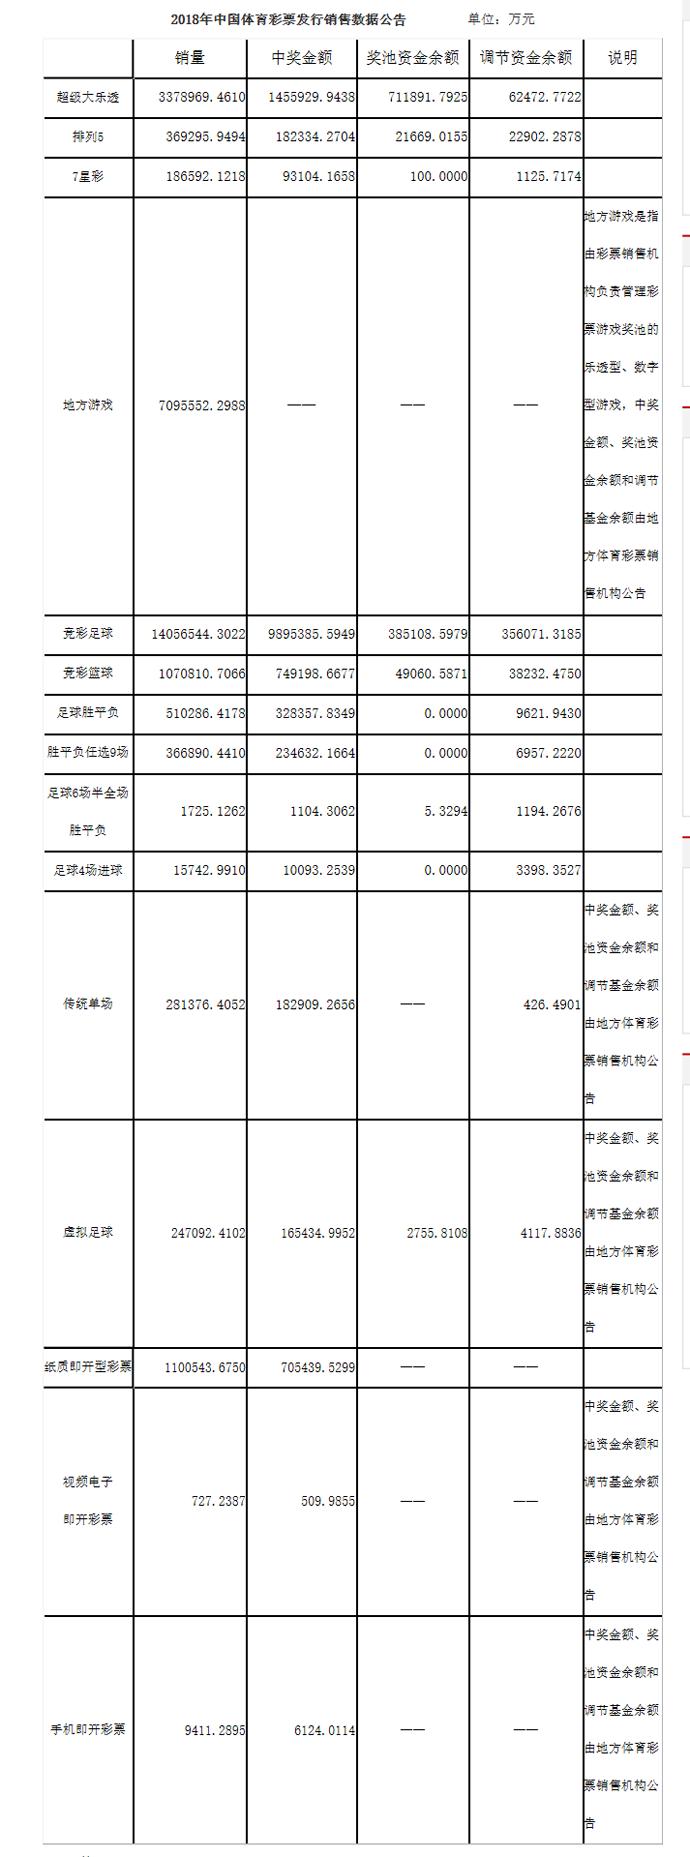 2018年中國體育彩票發行銷售數據公告